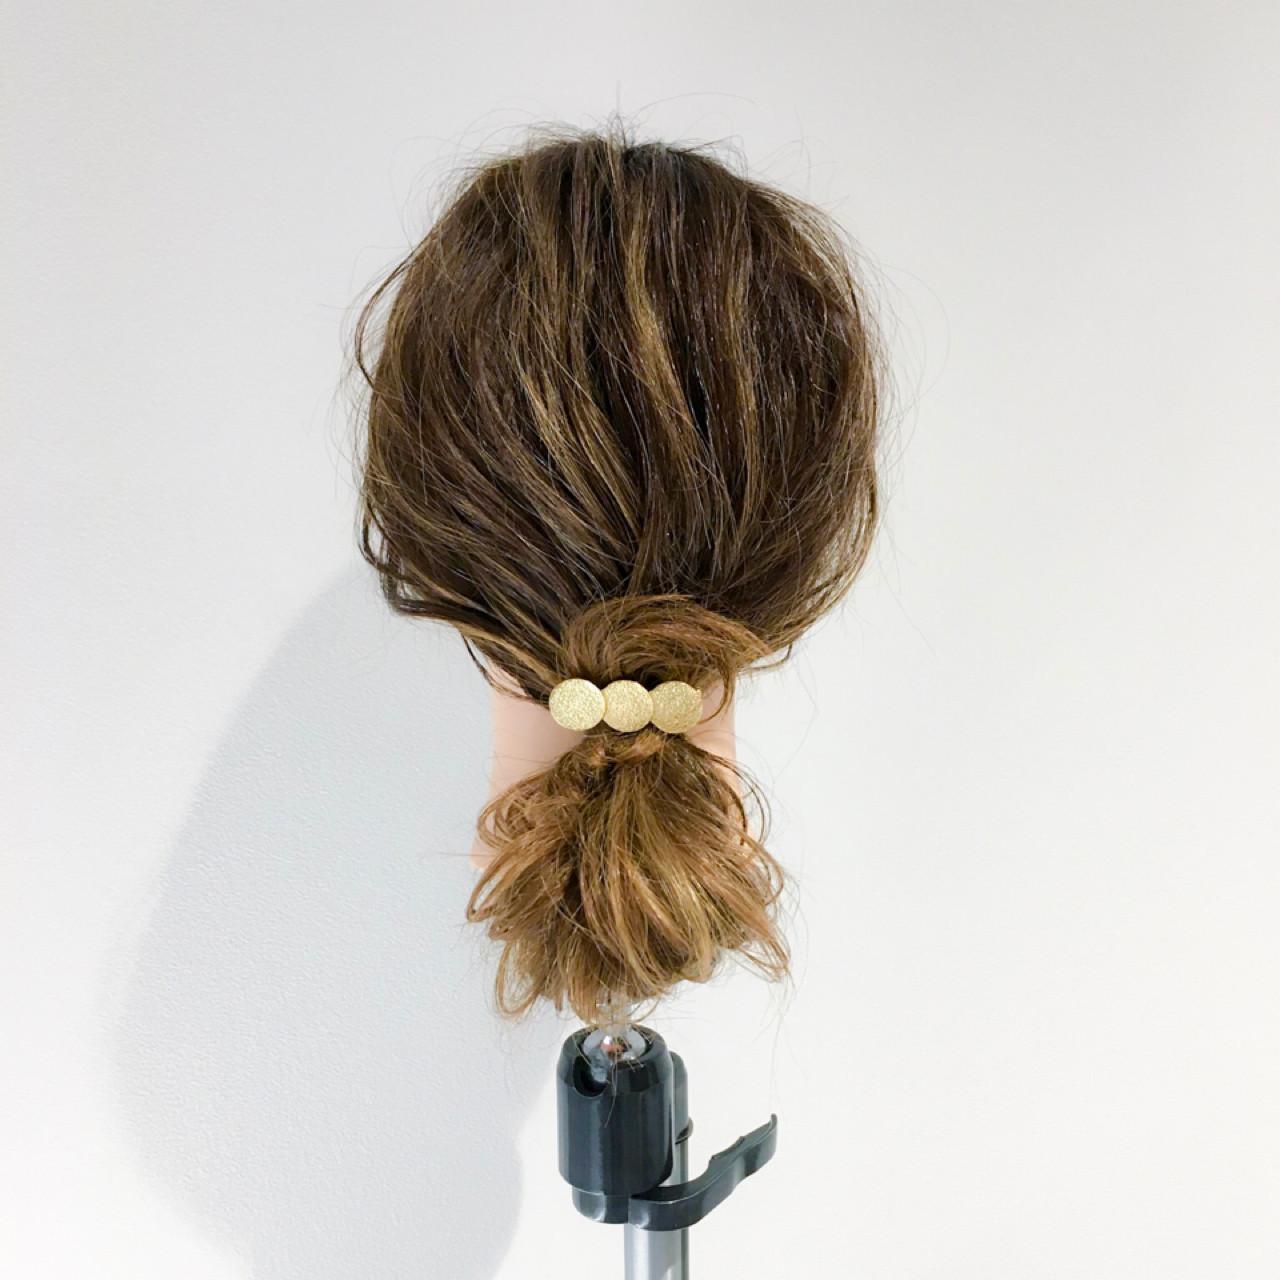 セミロング リラックス オフィス アウトドア ヘアスタイルや髪型の写真・画像